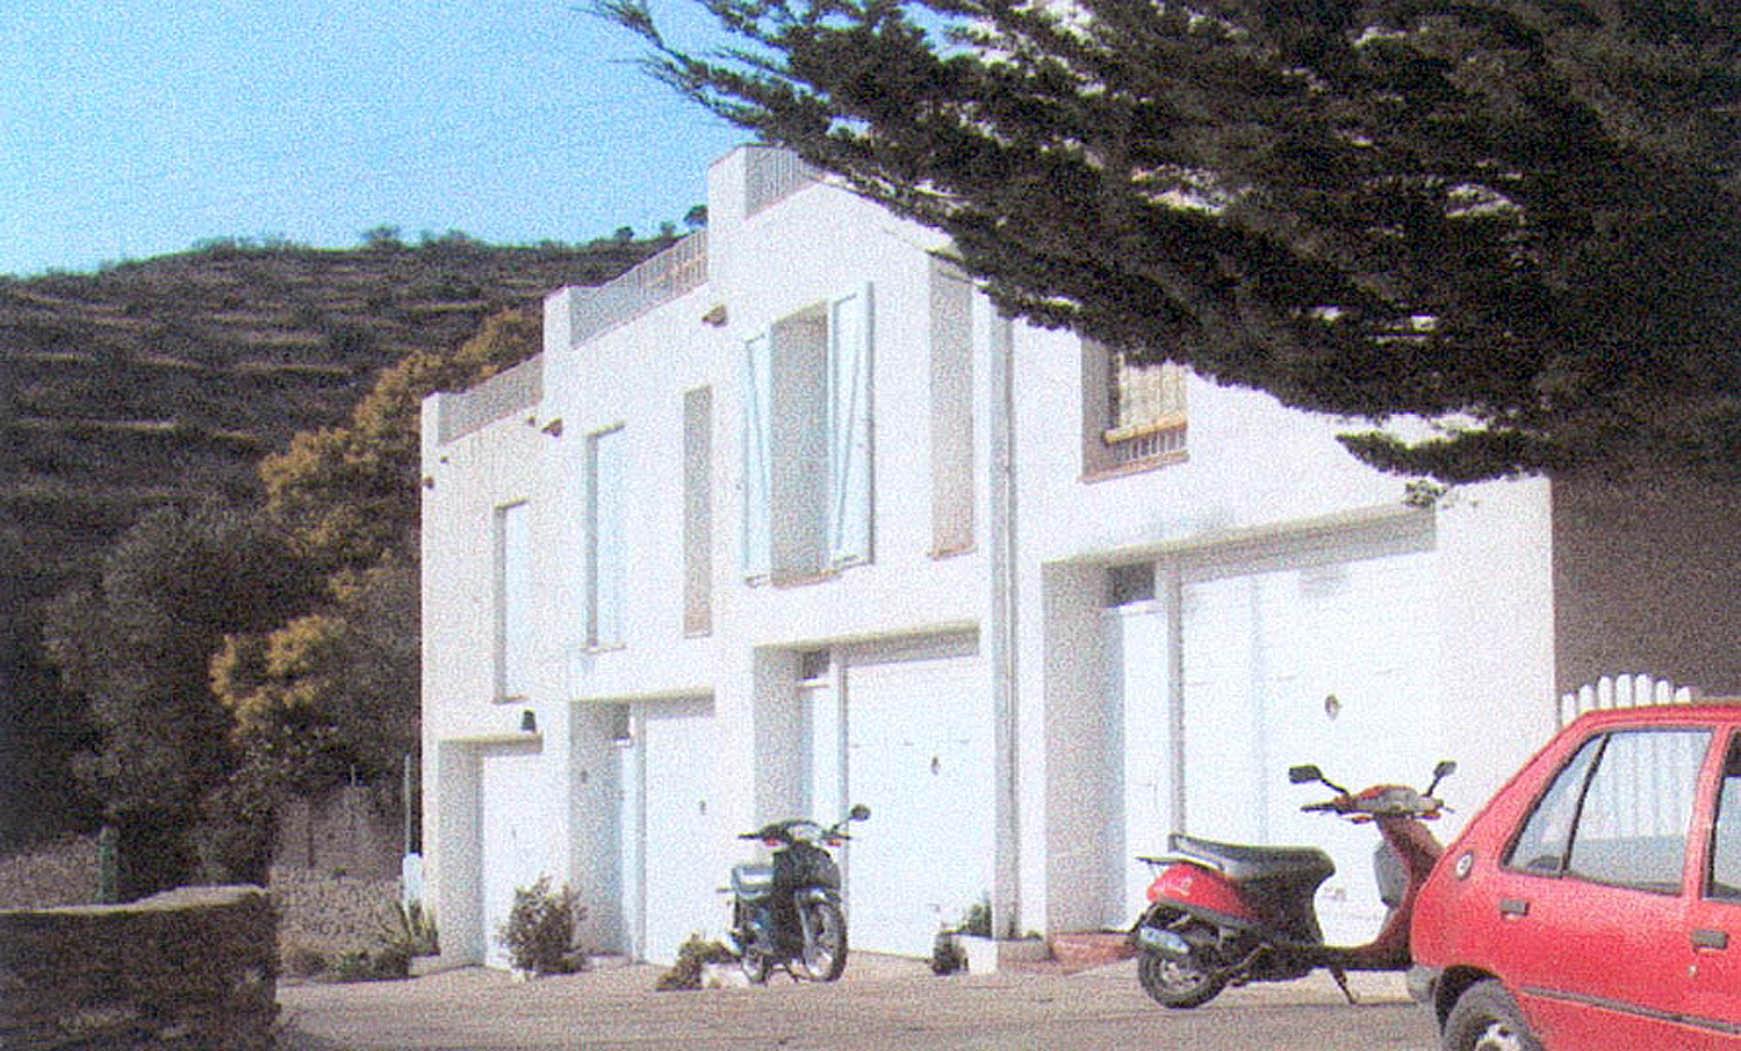 Conjunto de 4 viviendas en hilera en Cadaqués (1986)